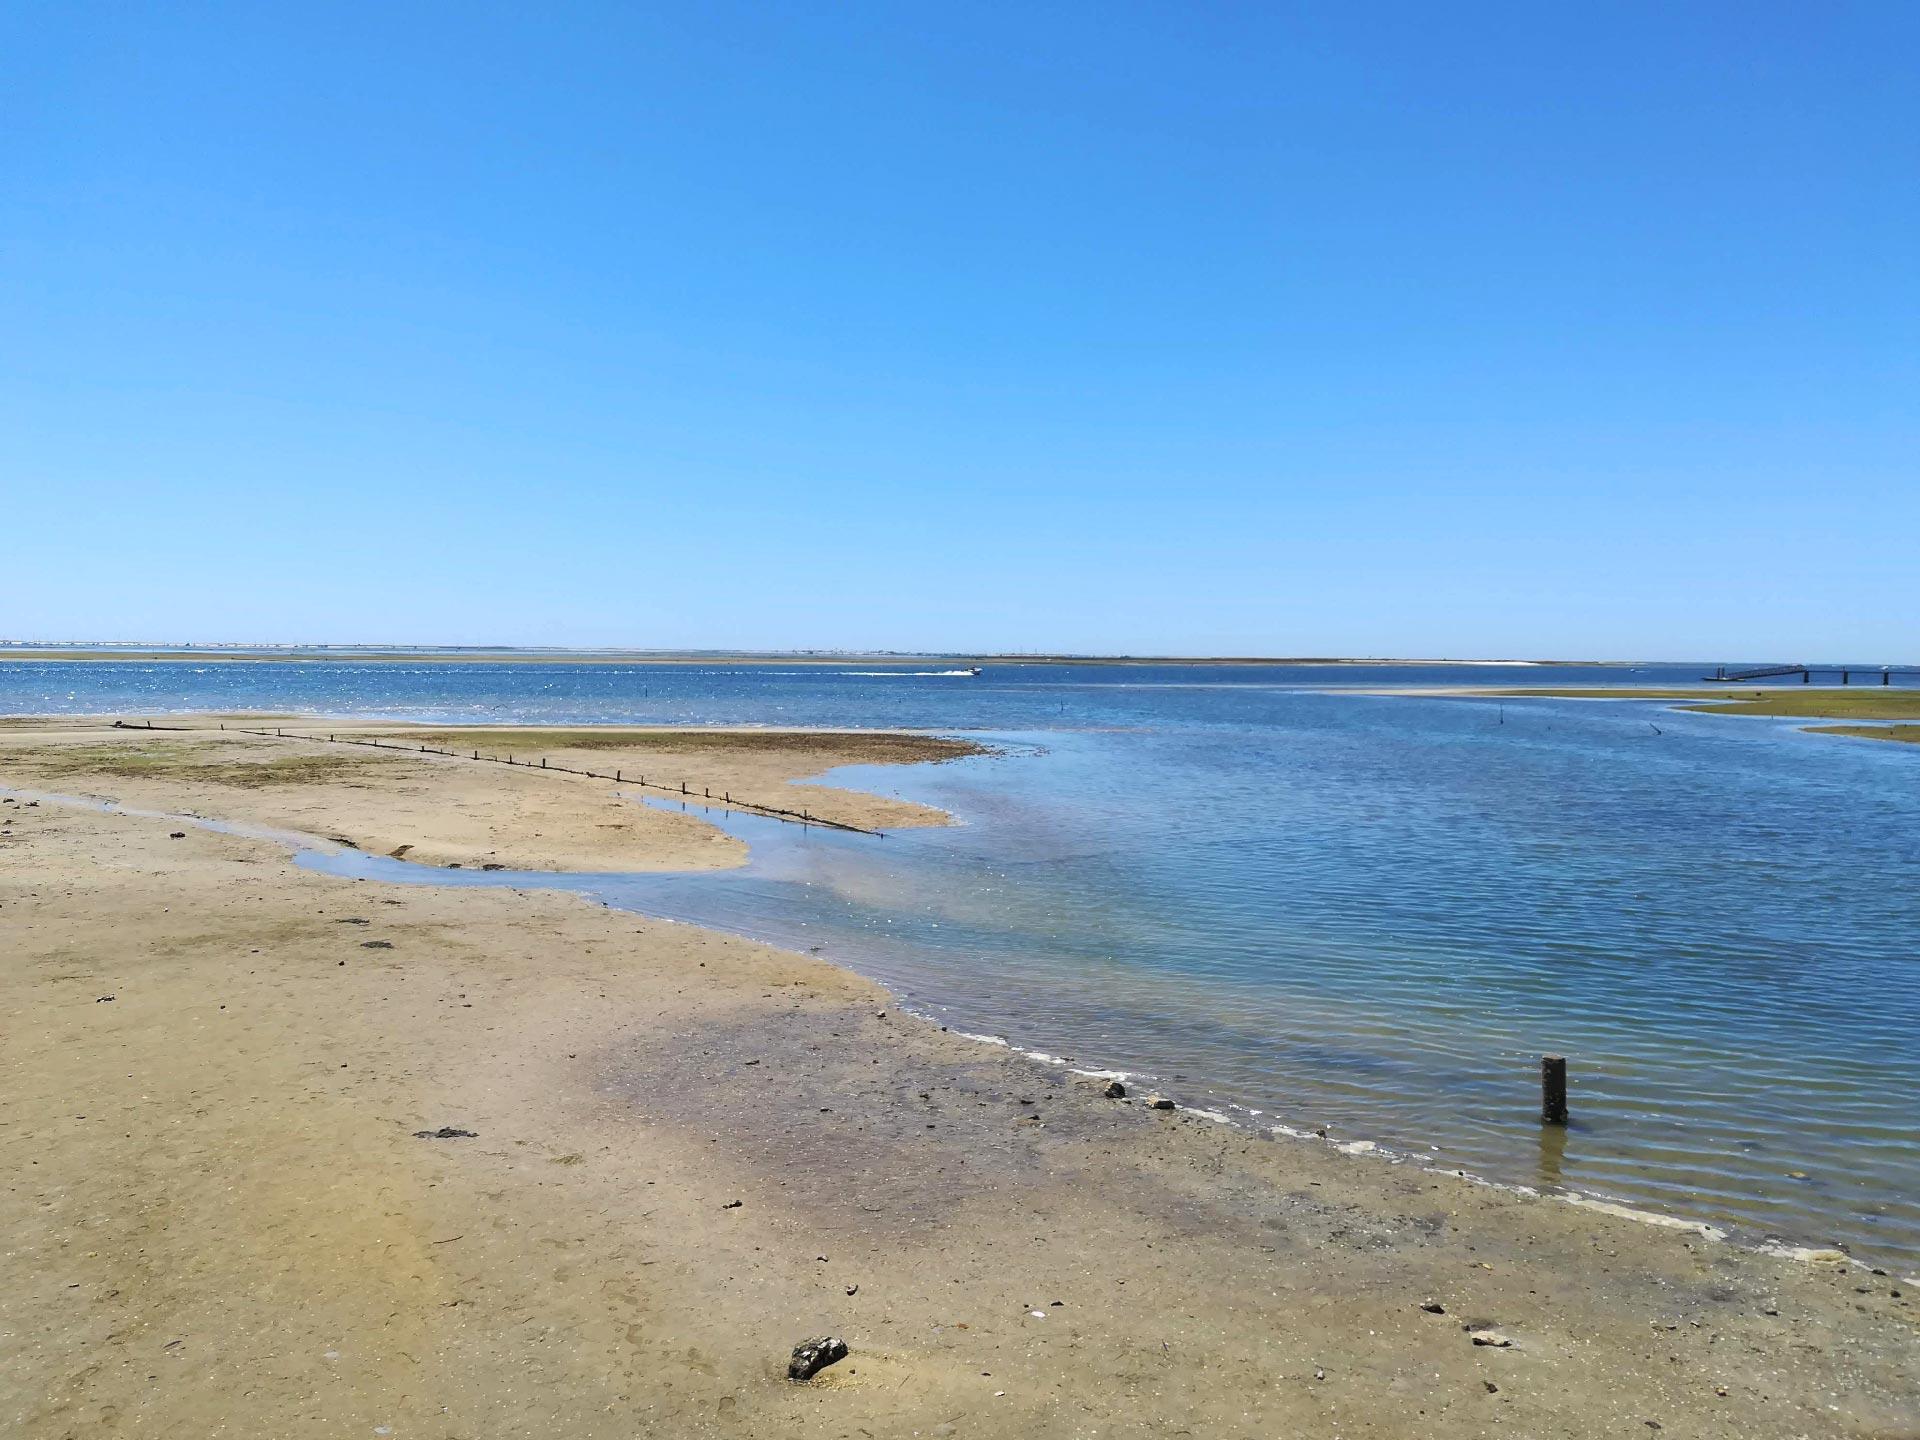 veduta della Riserva Naturale Ria Formosa (mare-spiaggia), Algarve, Portogallo